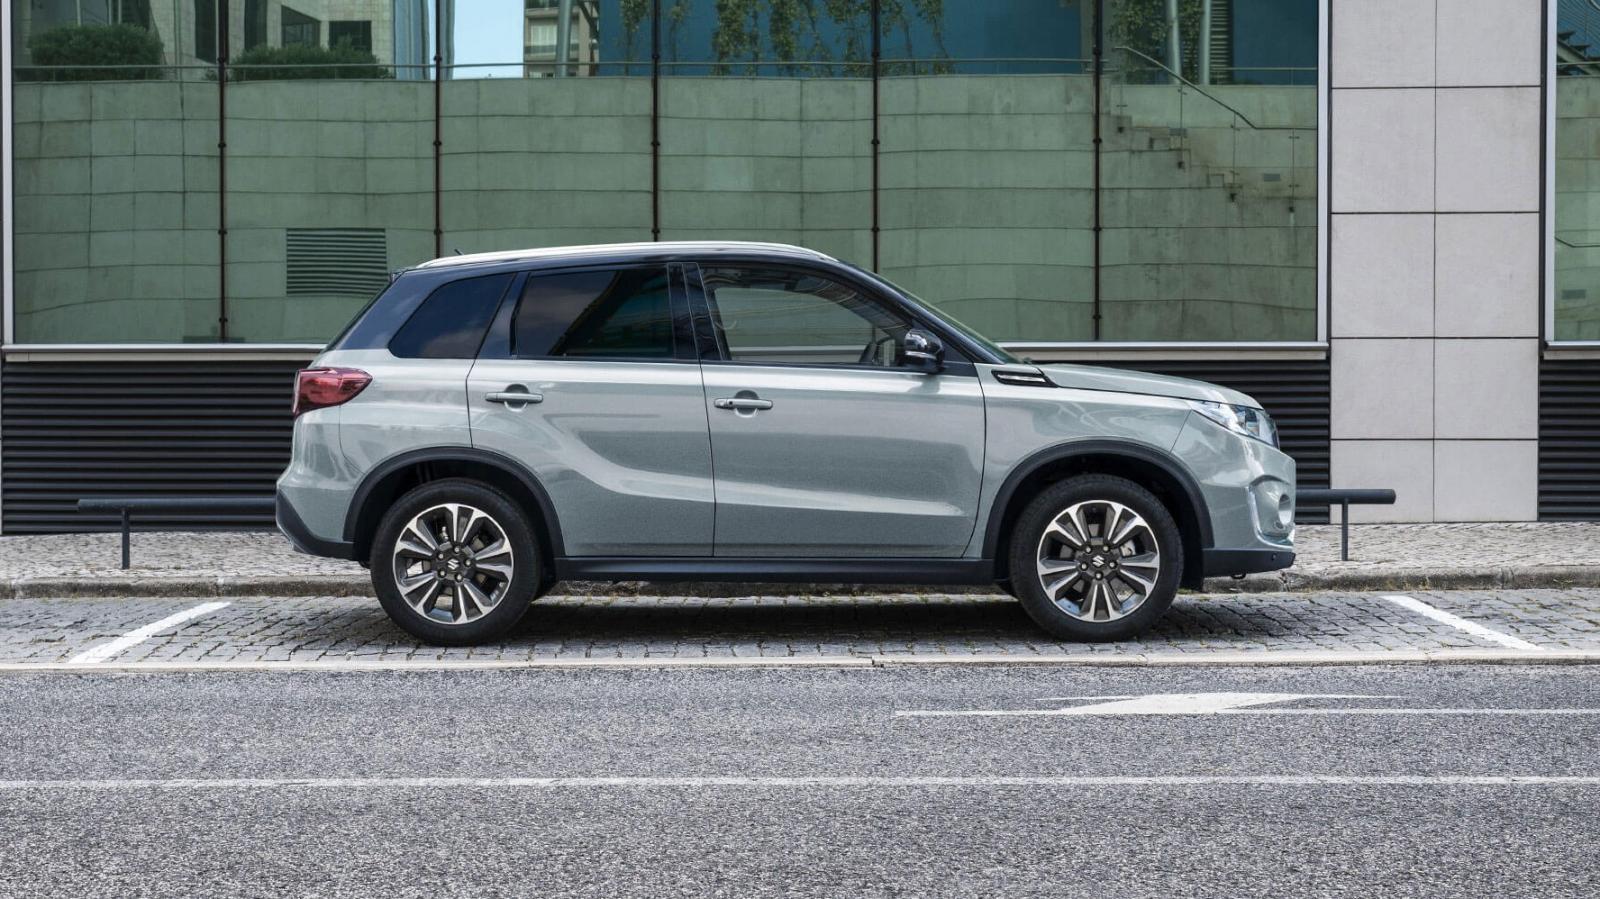 Suzuki Vitara Boosterjet All Grip 2020 resena opiniones Es una camioneta que se adapta de buena forma a la vida familiar